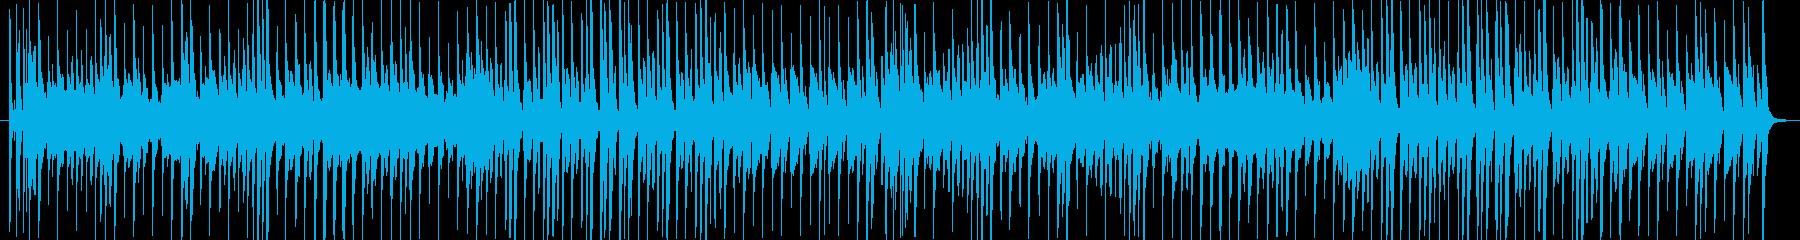 ほのぼのとした日常を彩るBGMの再生済みの波形